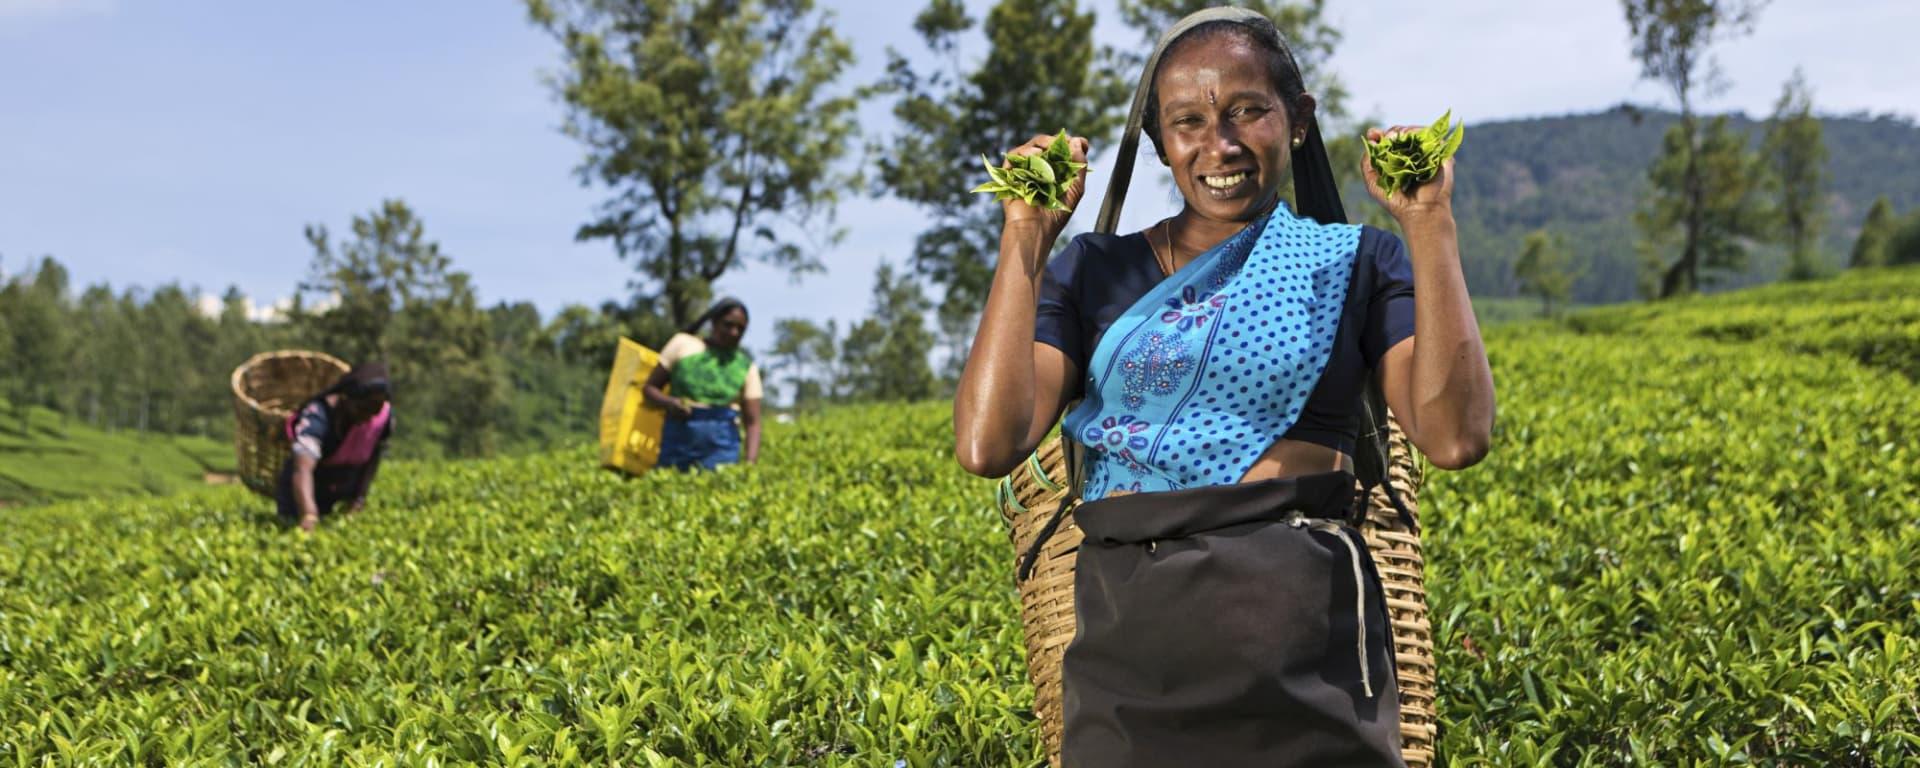 Wissenswertes zu Sri Lanka Reisen und Ferien: Nuwara Eliya Tea plucking women